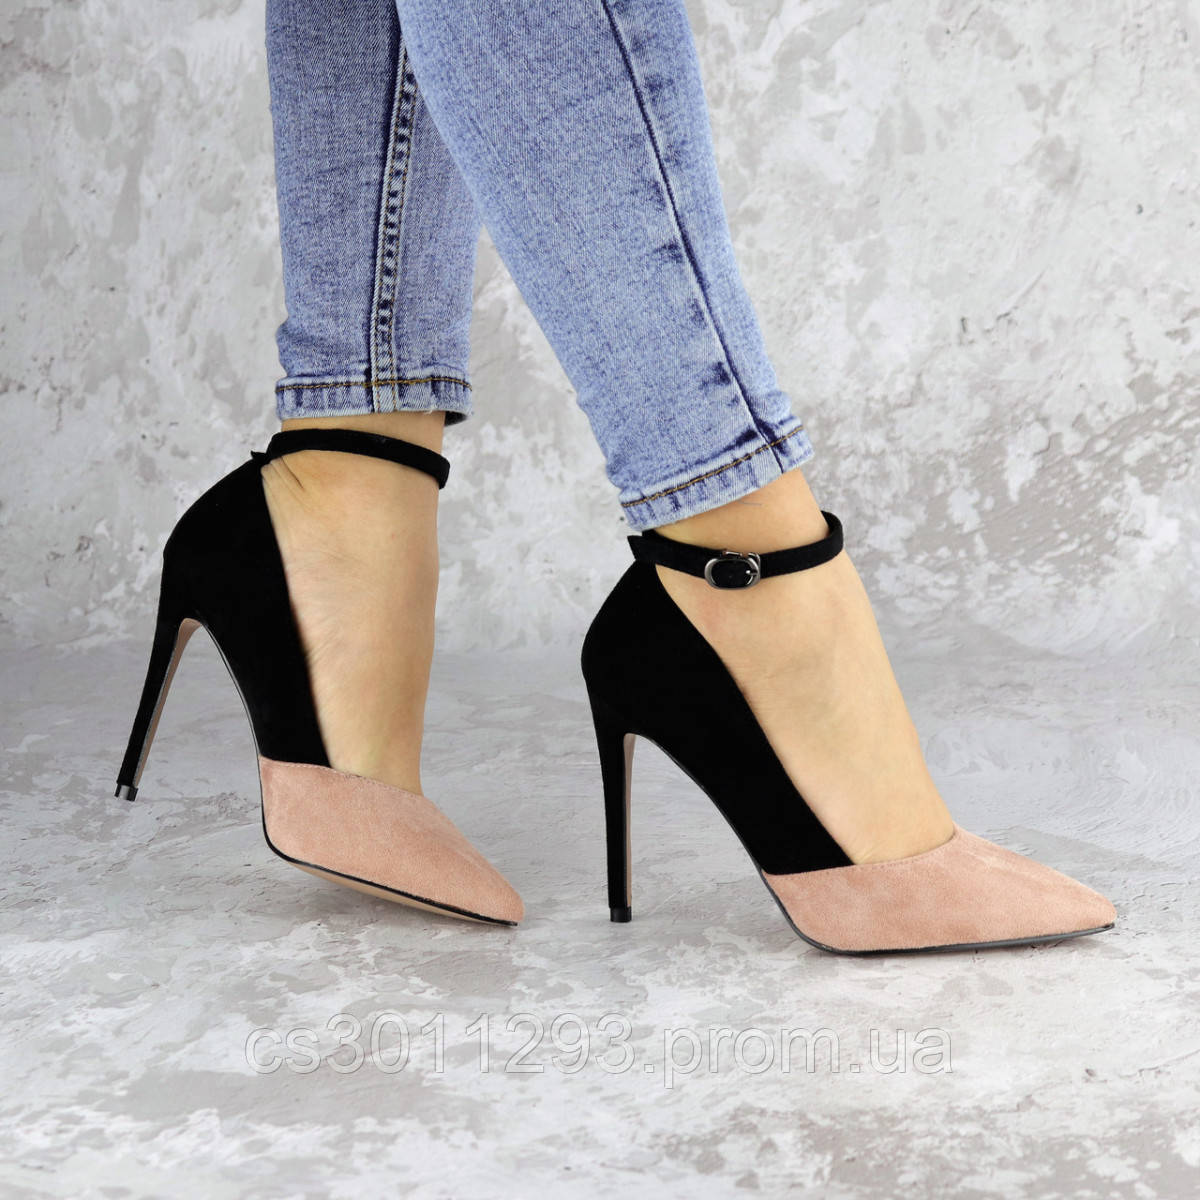 Туфли женские на каблуке розовые Beth 2186 (40 размер)